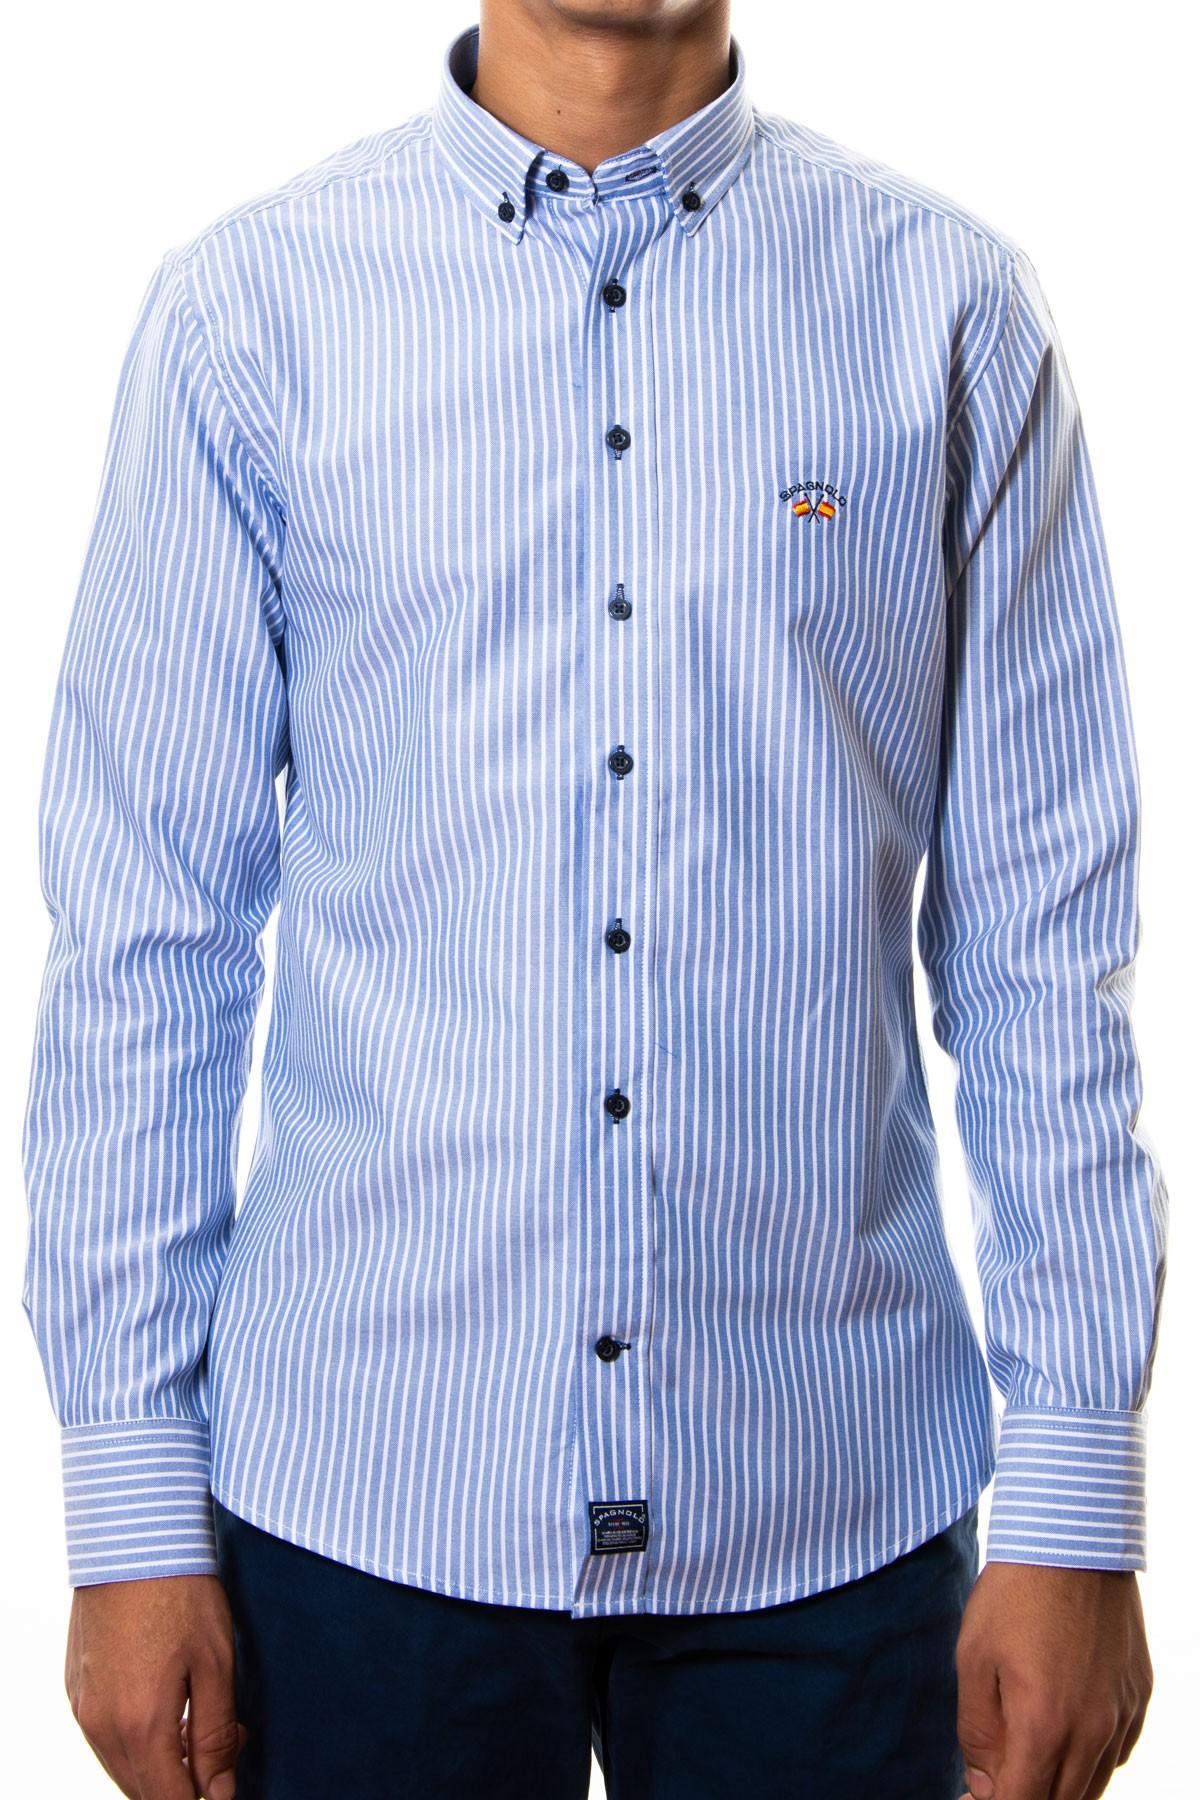 compra original el más baratas Nuevos objetos camisa spagnolo oxford rayas azules